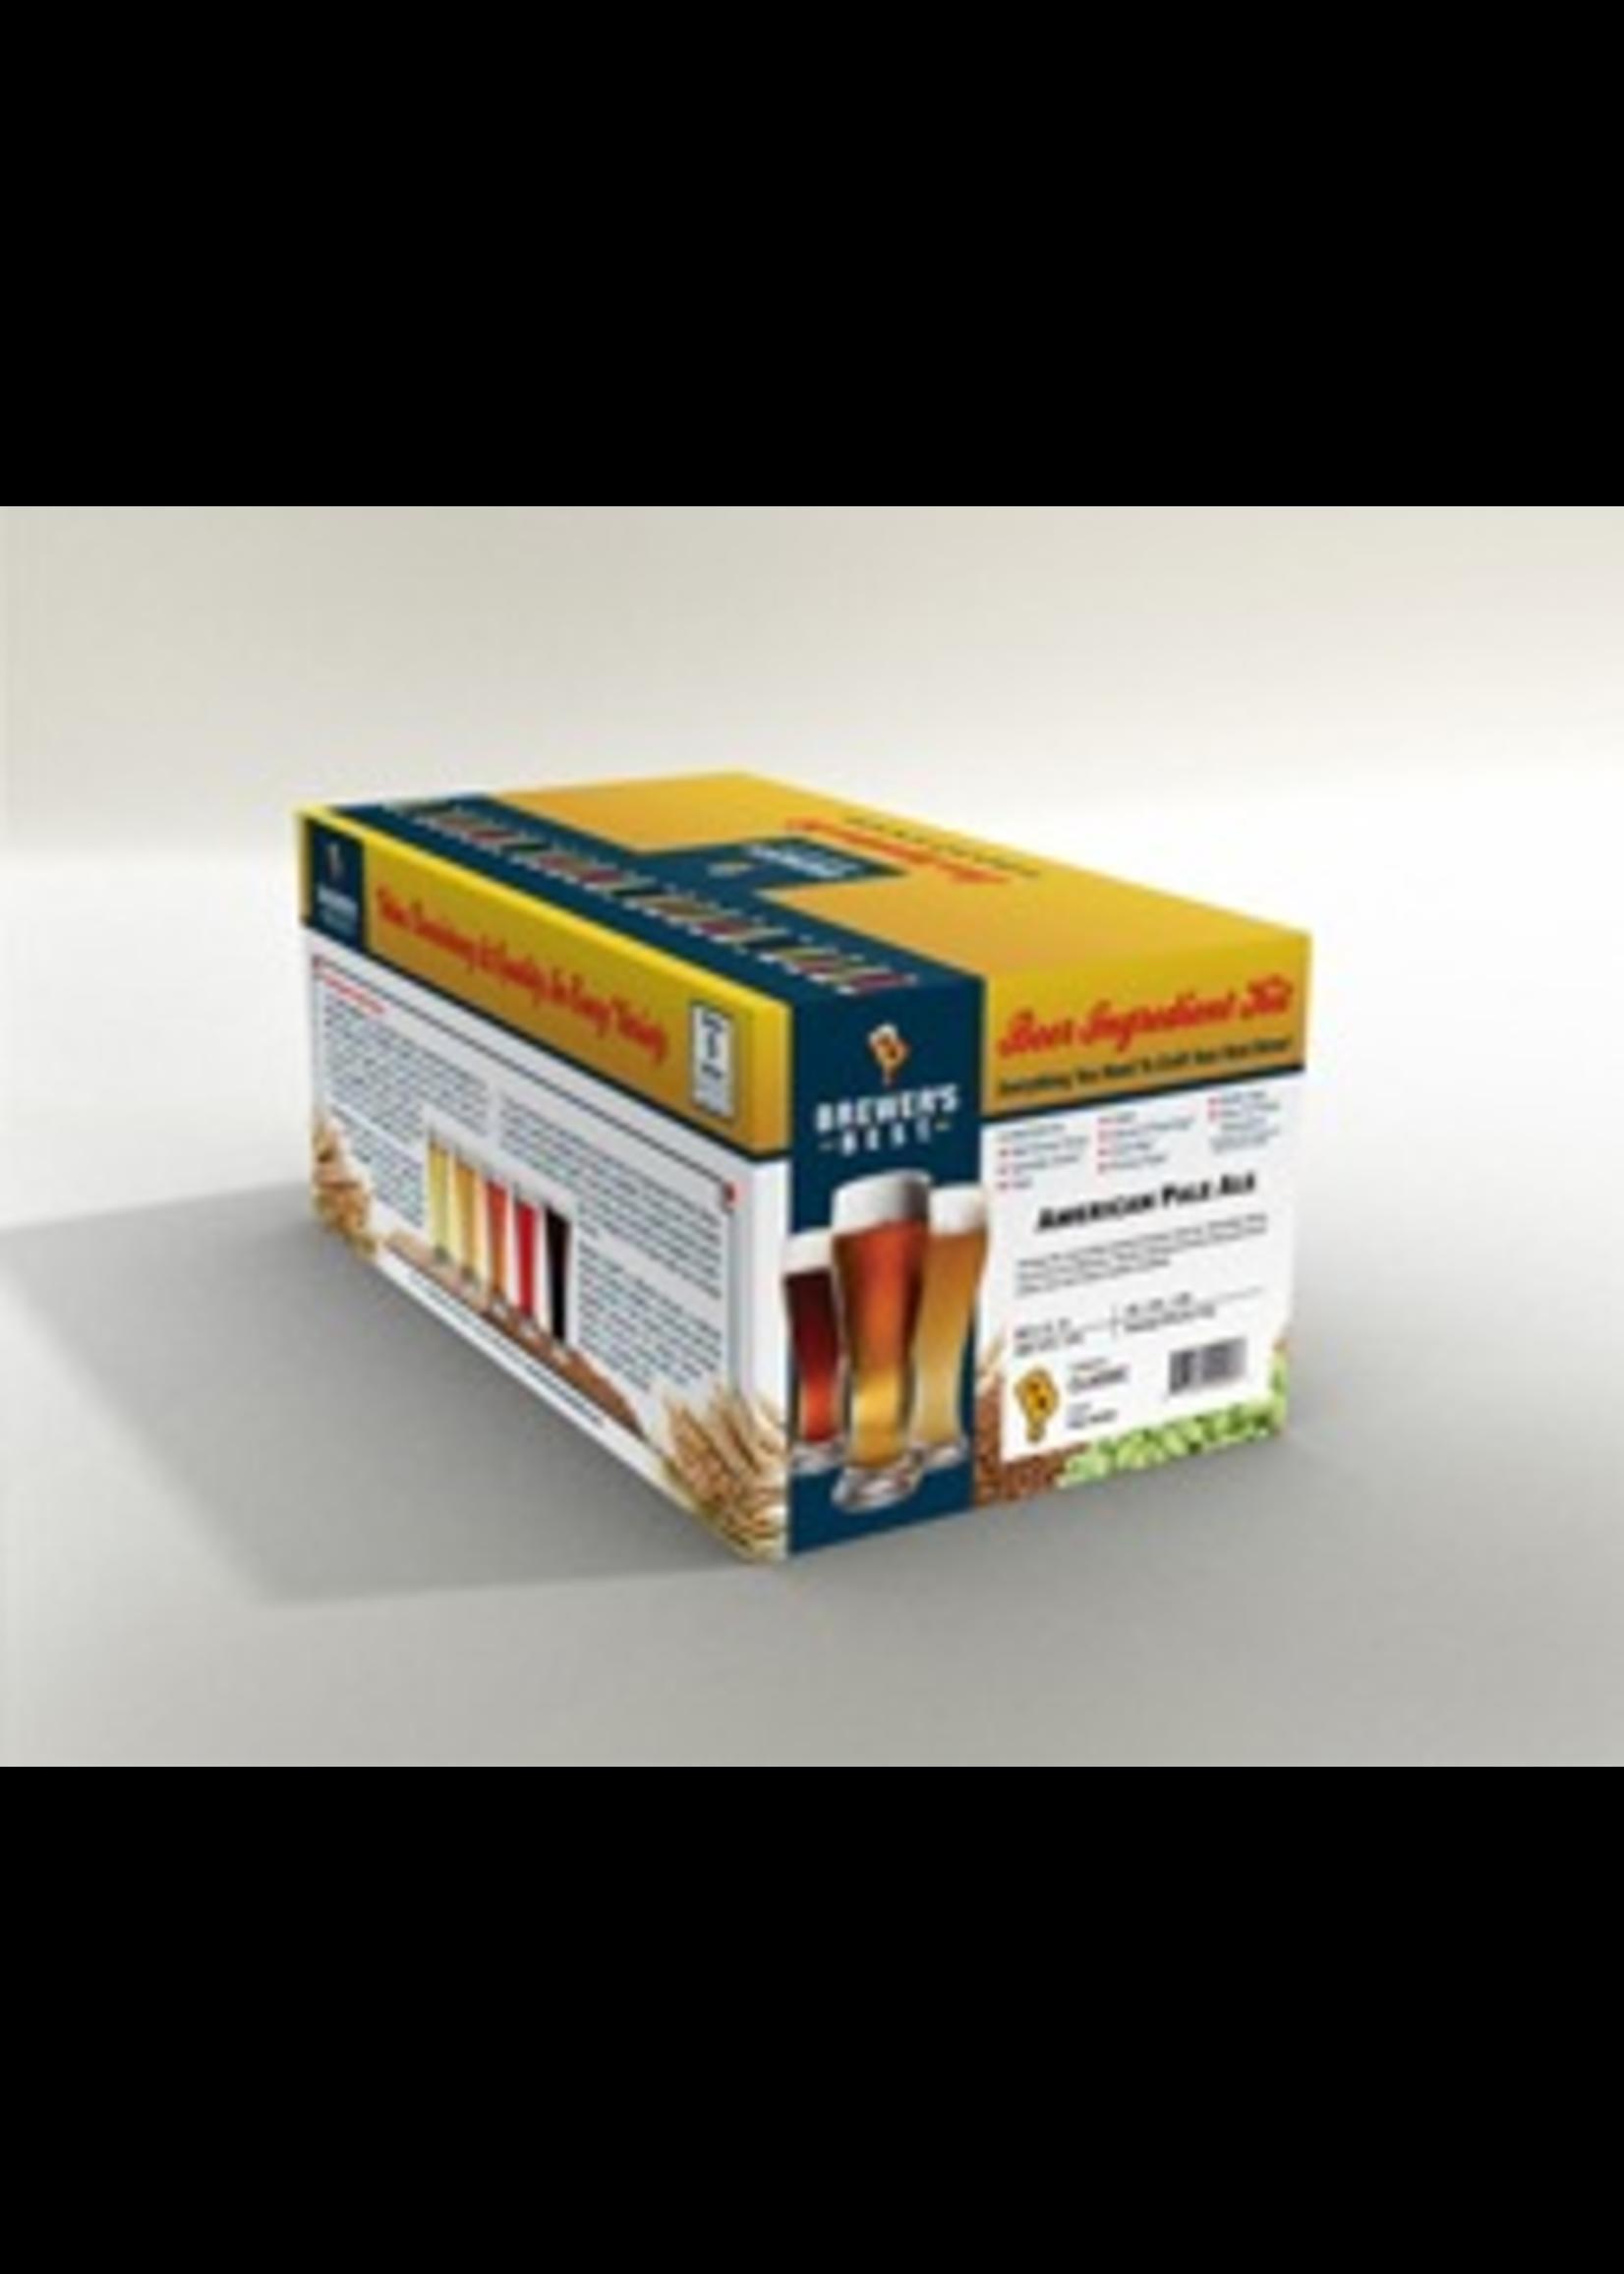 Ingredient Kits Brewer's Best Smoked Porter - 5 Gallon Ingredient Kit